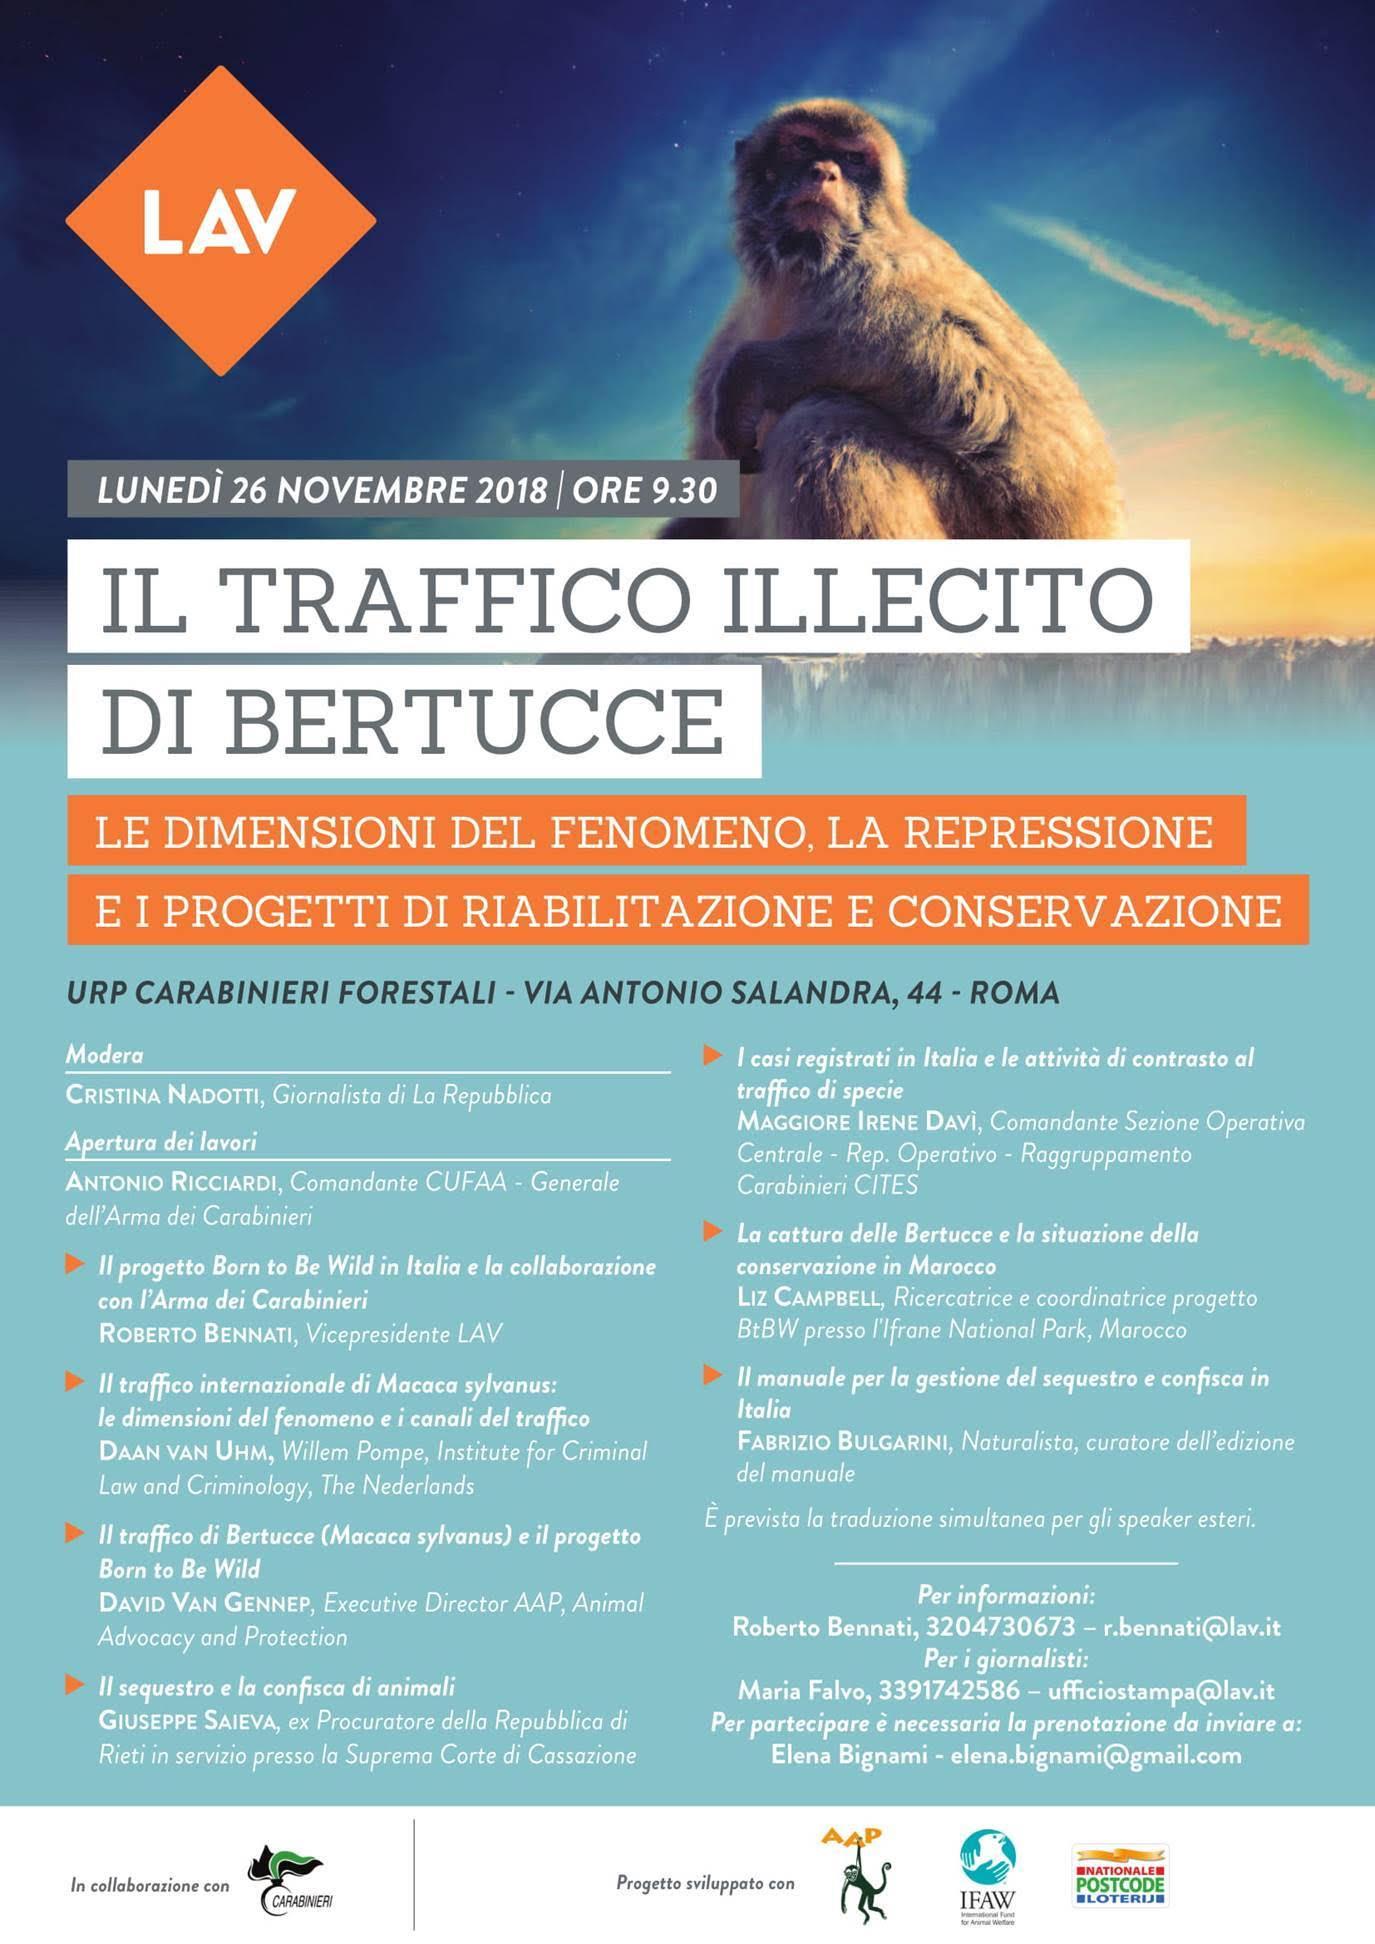 IL TRAFFICO ILLECITO DI BERTUCCE. Evento LAV in collaborazione con l'Arma dei Carabinieri, AAP e IFAW